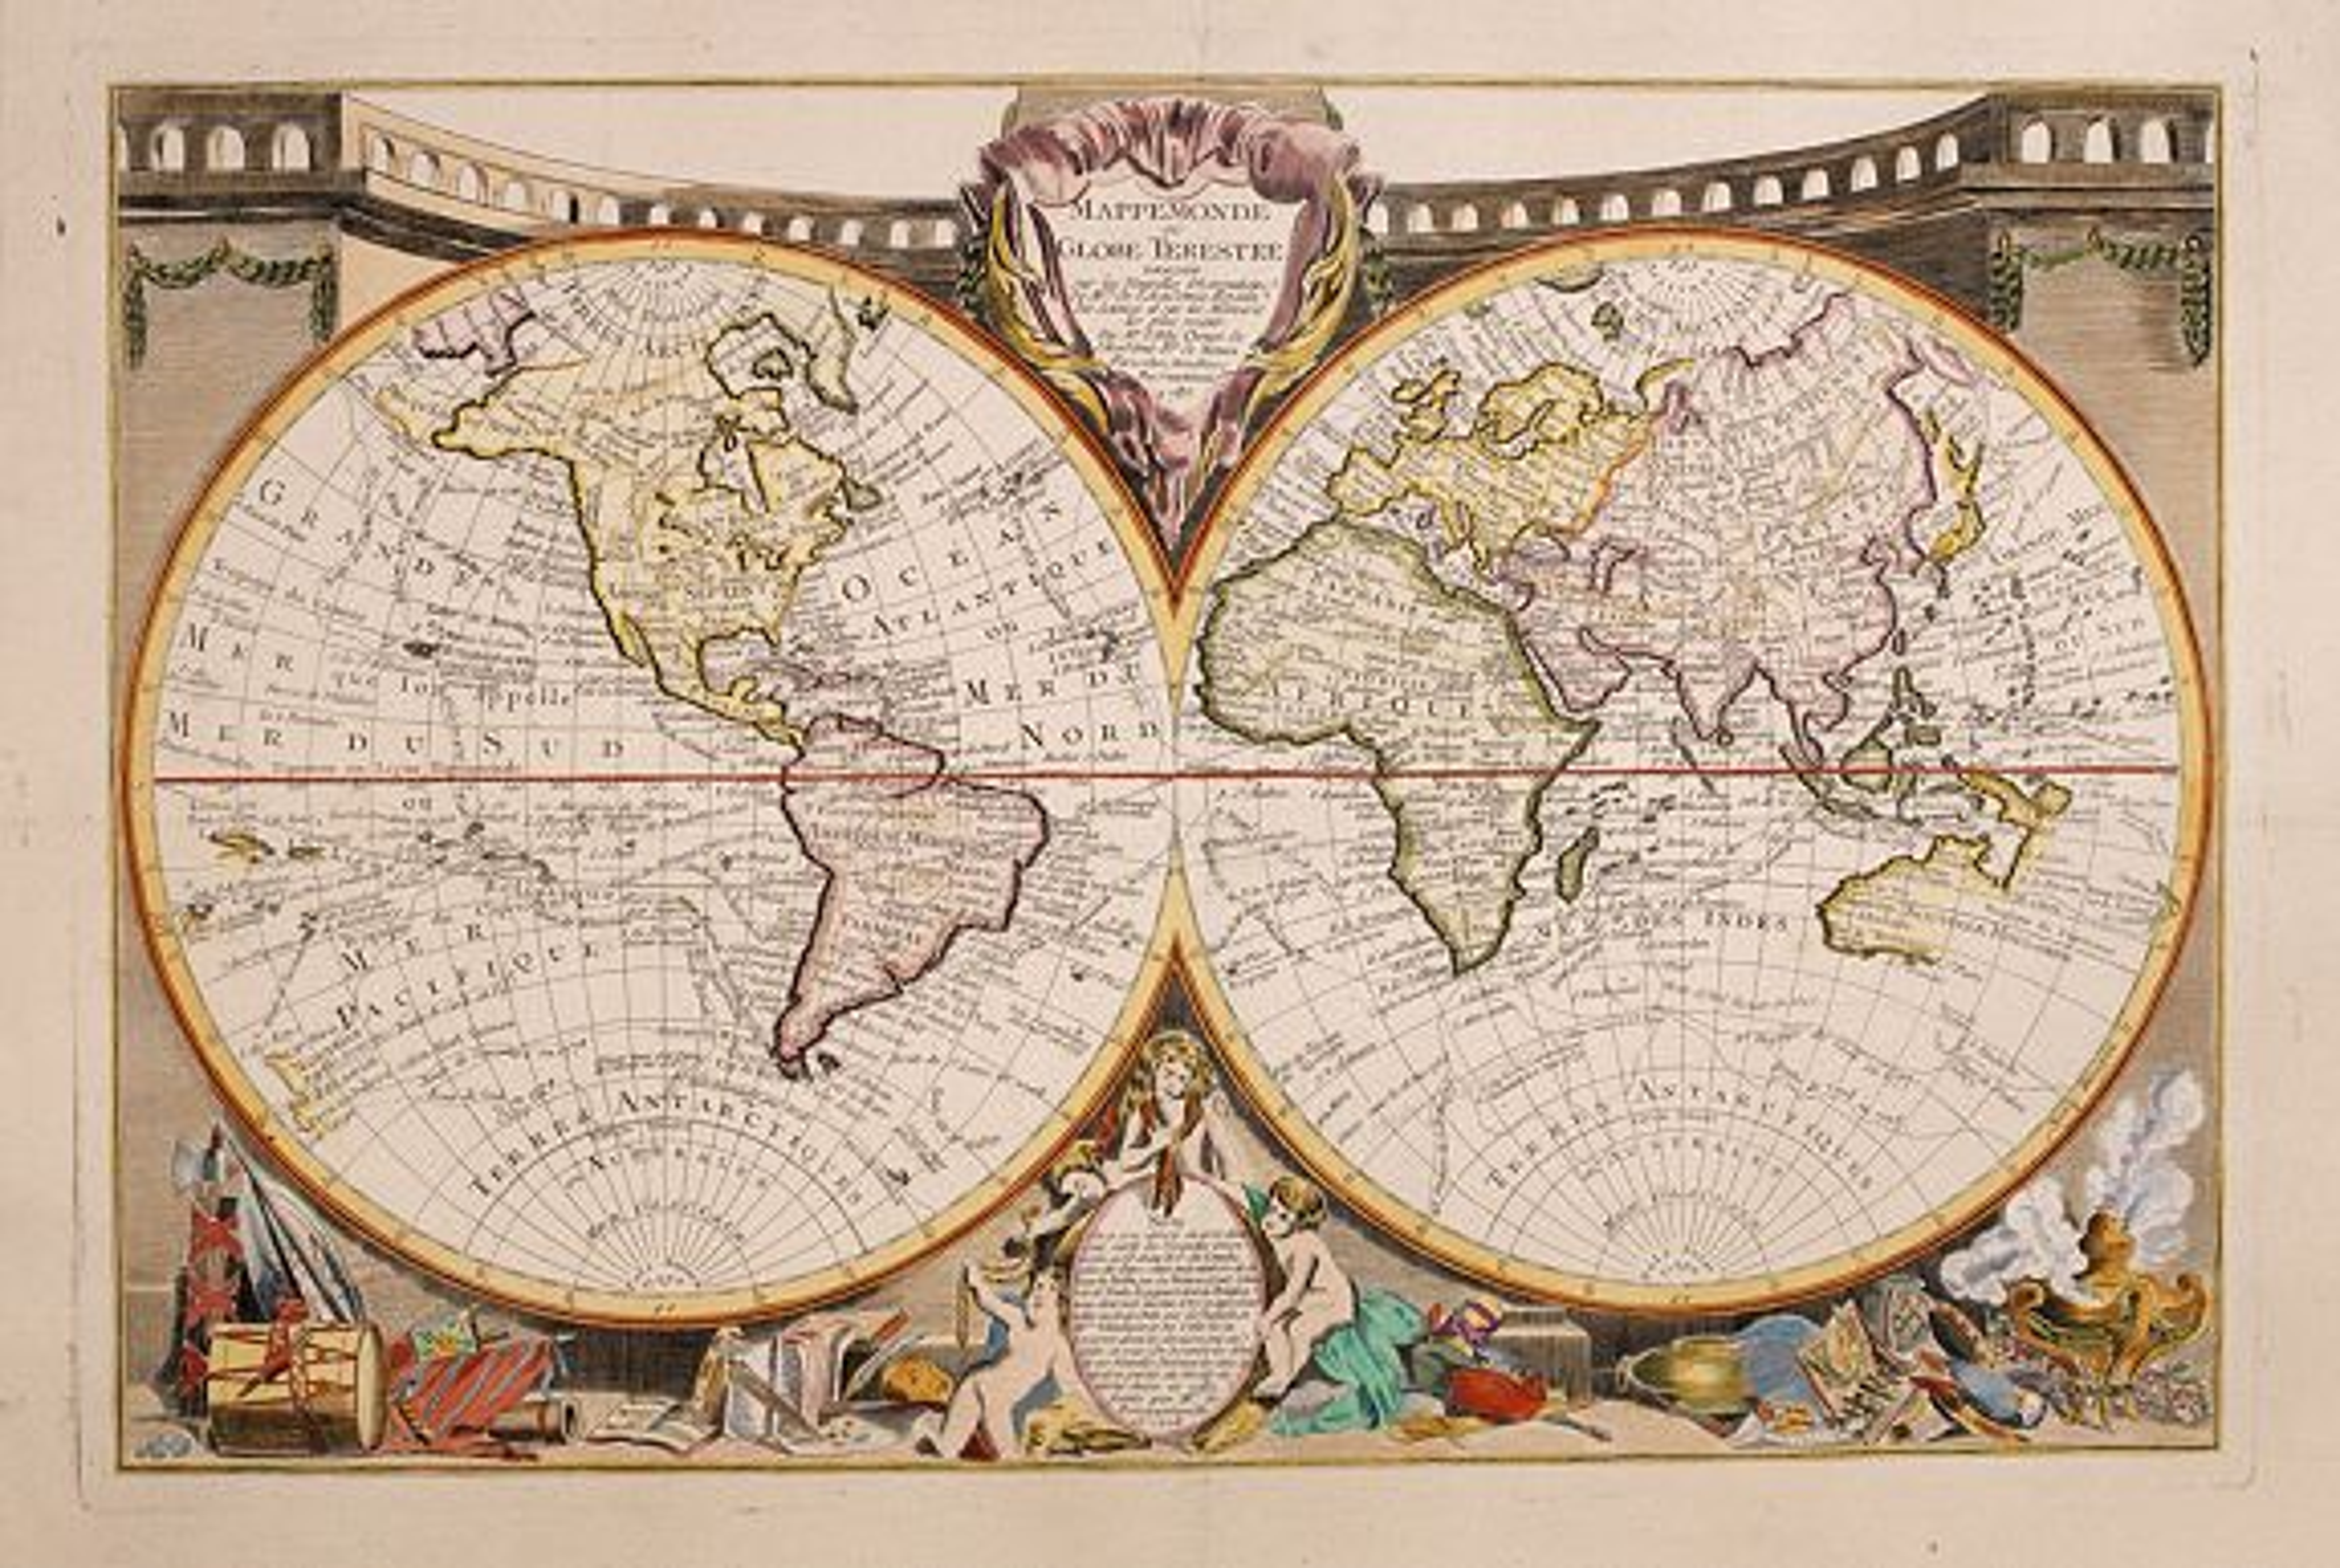 CLOUET, J.B.L.L'Abbe -  Mappemonde ou globe terestre